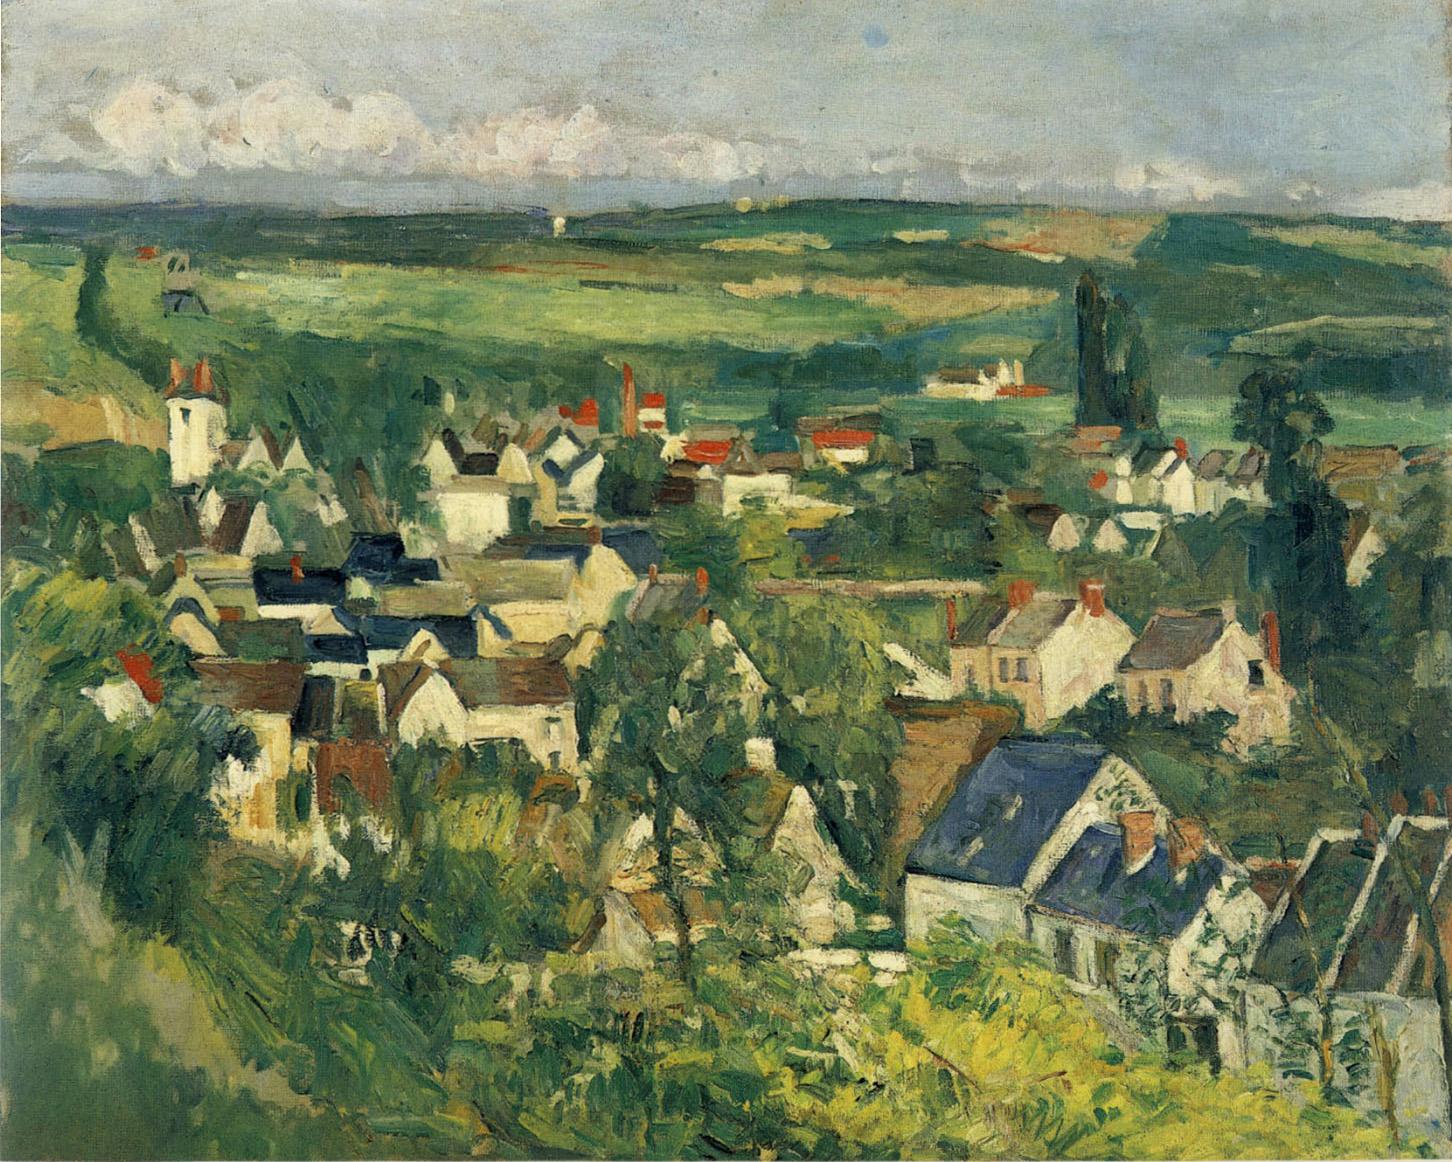 La chronologie des séjours de Cézanne à Auvers/Pontoise | Société Cezanne